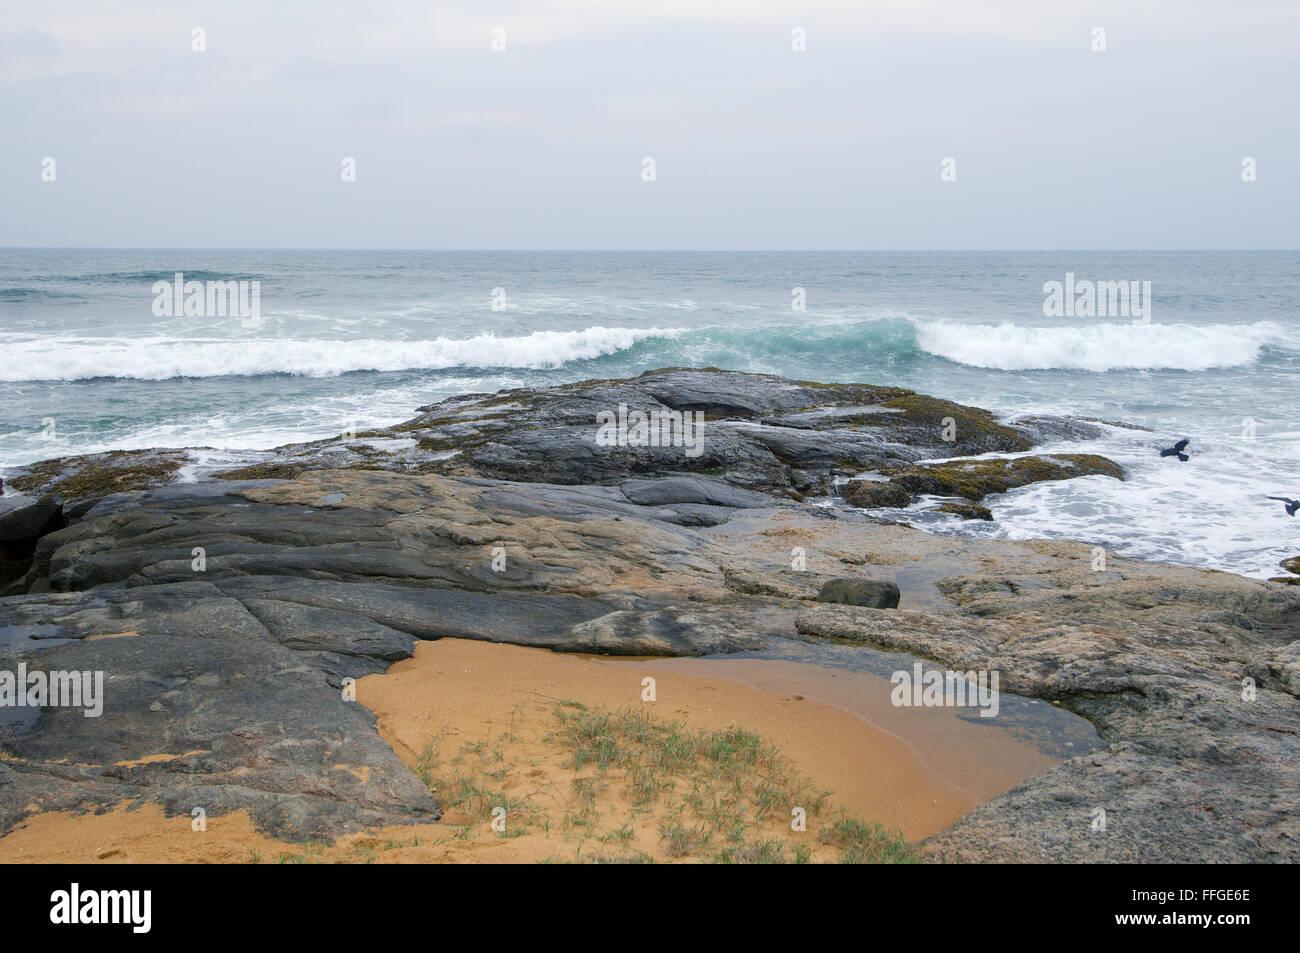 Las costas rocosas del Océano Índico, Hikkaduwa, Sri Lanka, el sur de Asia Imagen De Stock